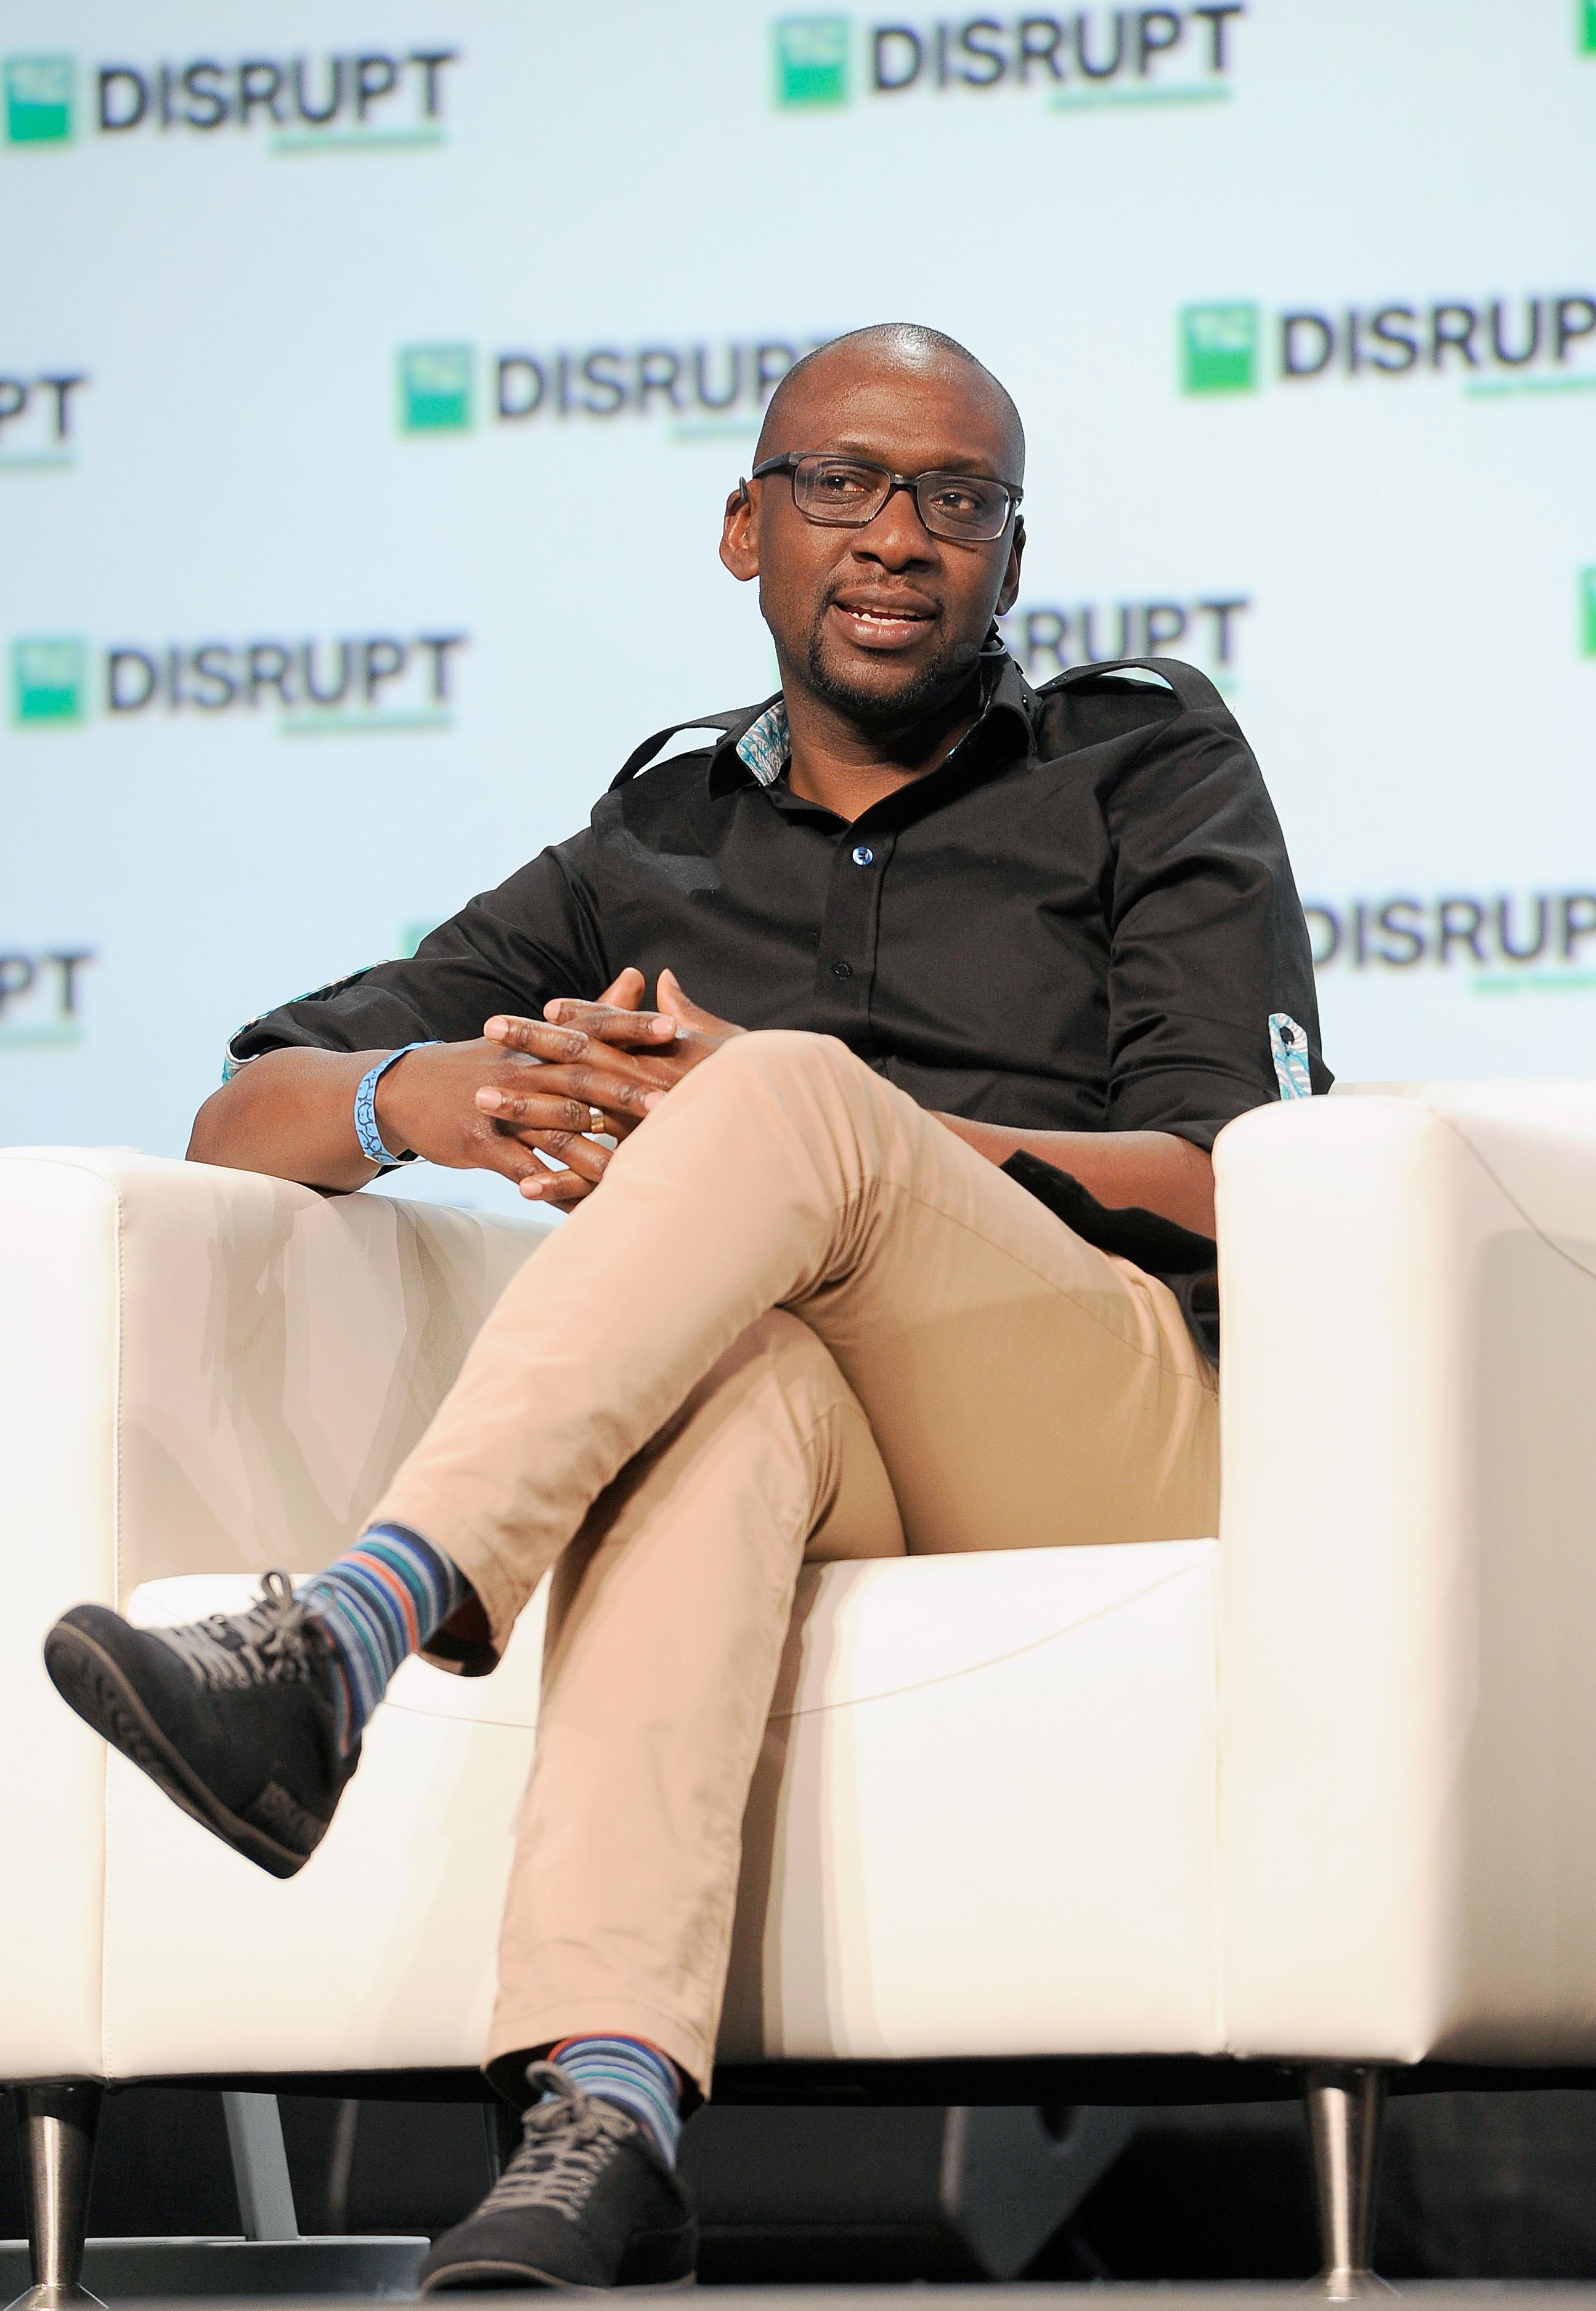 Cellulant CEO Ken Njoroge